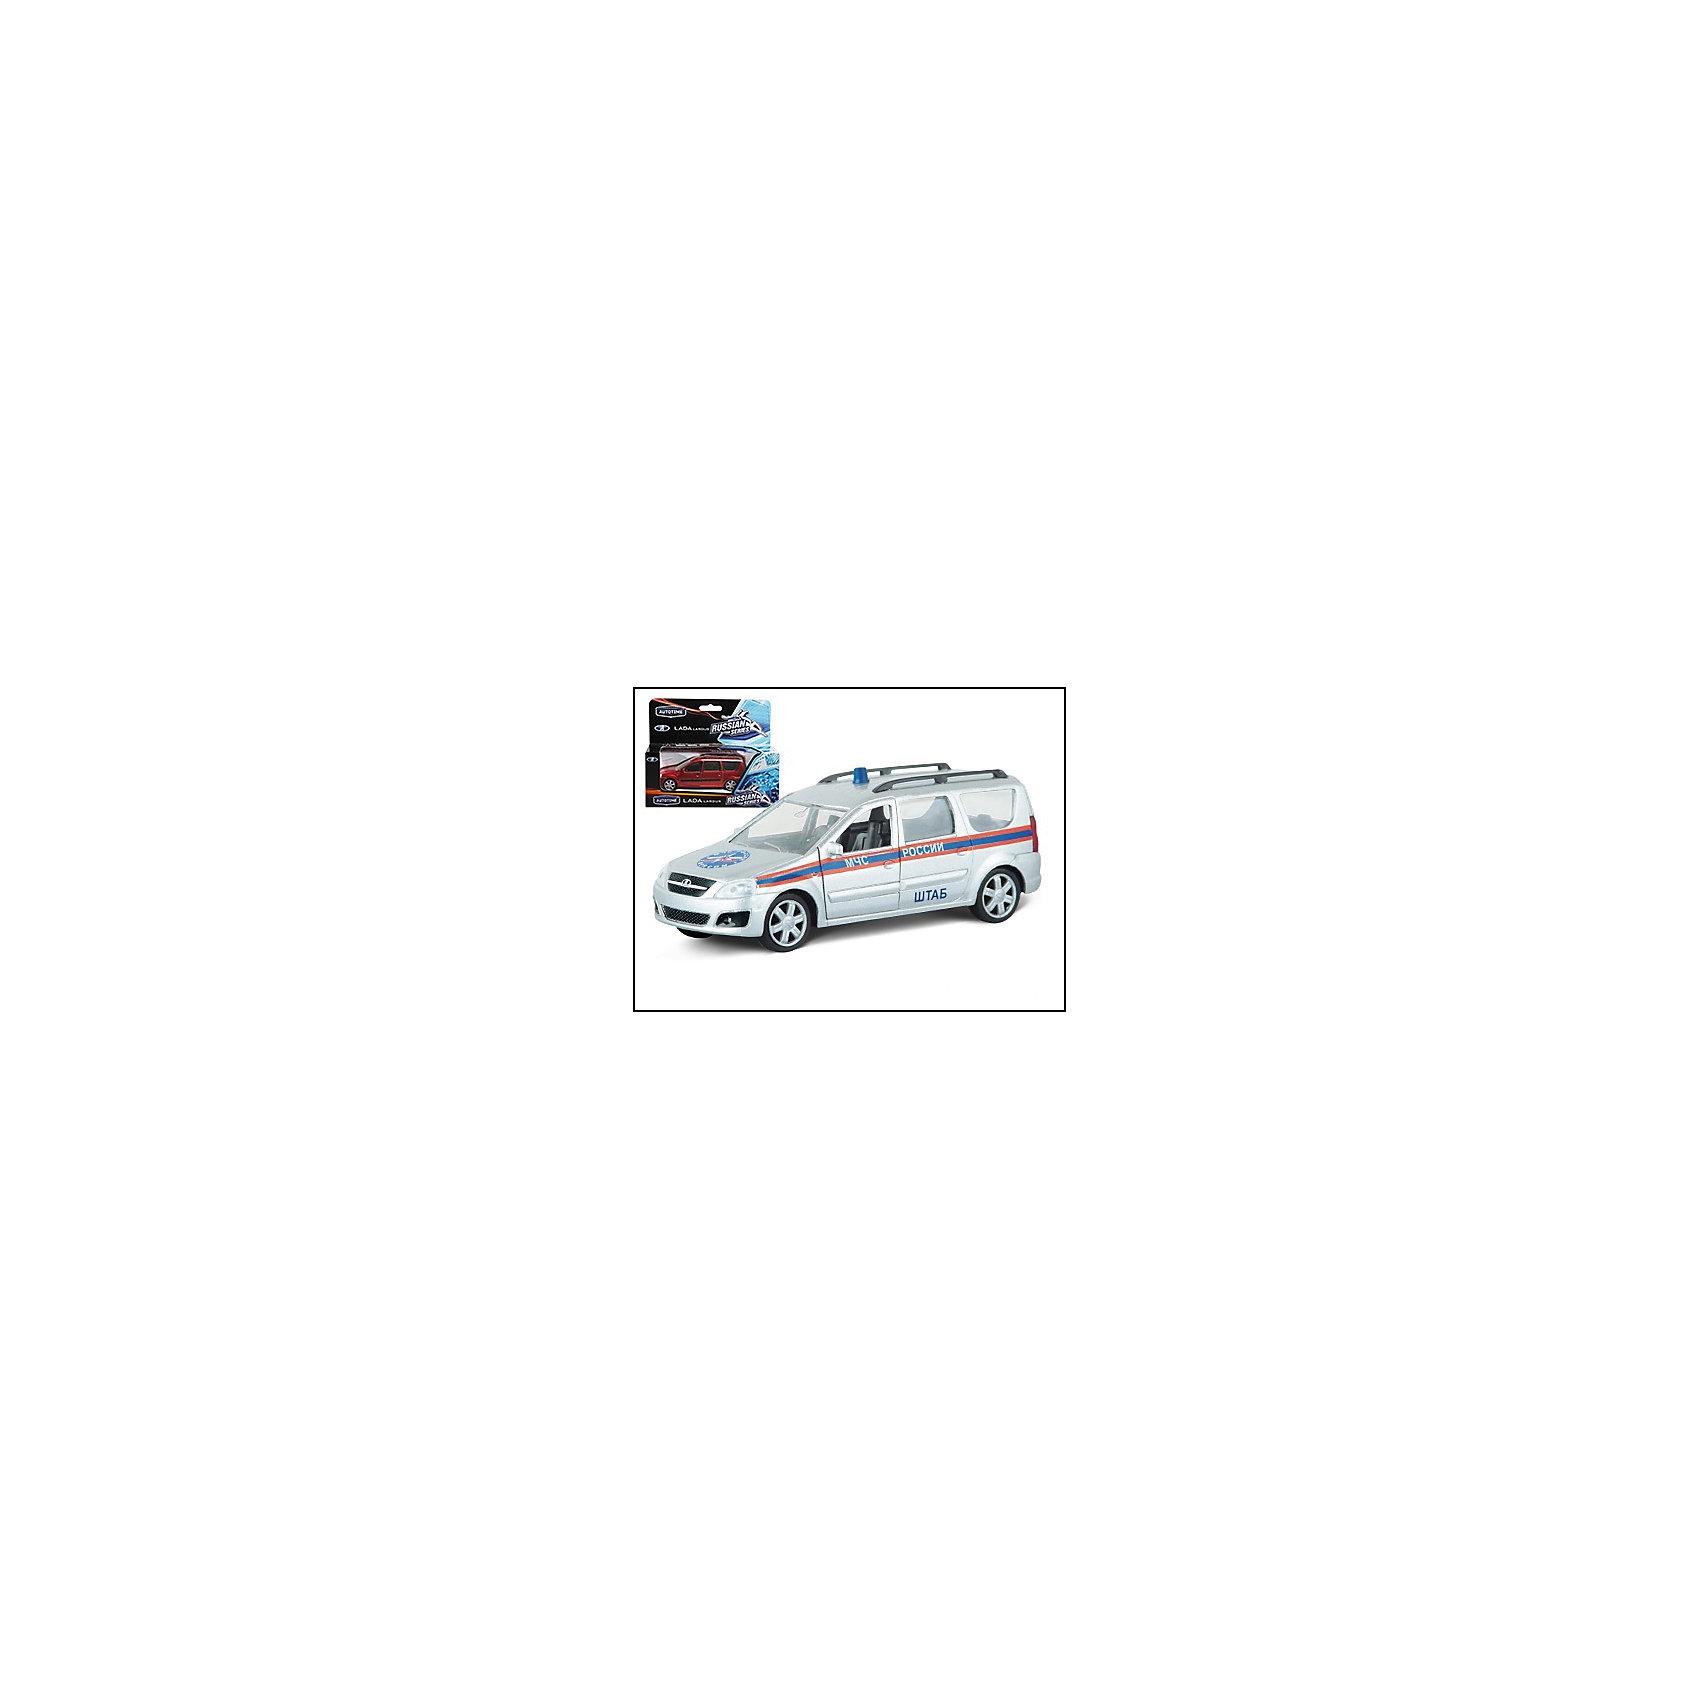 Машина LADA LARGUS, МЧС, 1:38Машинки<br>МашинаLADA LARGUS, МЧС - коллекционная модель, являющая копией настоящего автомобиля, сделанной в масштабе 1:38. Машинка станет прекрасным подарком всем юным автолюбителям и займет достойное место в любой коллекции автомобилей. Игрушка имеет инерционный механизм и открывающиеся двери, выполнена из высококачественных прочных безопасных материалов. <br><br>Дополнительная информация:<br><br>- Материал: пластик, металл.<br>- Масштаб: 1:38.<br>- Колеса подвижные.<br>- Двери открываются.<br>- Инерционный механизм. <br><br>Машину LADA LARGUS, полиция, 1:38, можно купить в нашем магазине.<br><br>Ширина мм: 165<br>Глубина мм: 57<br>Высота мм: 72<br>Вес г: 159<br>Возраст от месяцев: 36<br>Возраст до месяцев: 84<br>Пол: Мужской<br>Возраст: Детский<br>SKU: 4515344